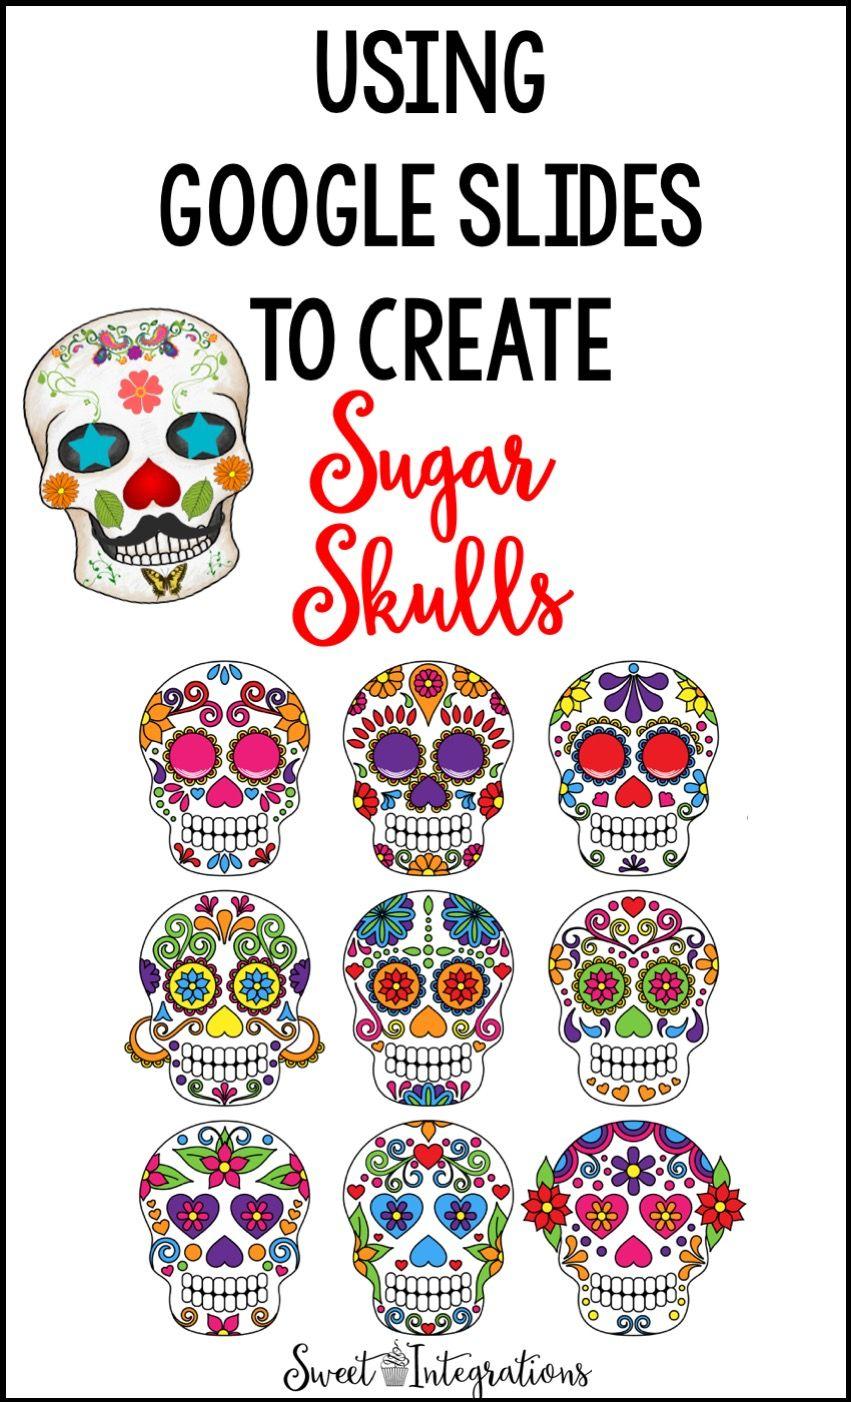 Using Google Slides™ to Create Sugar Skulls Sugar skull